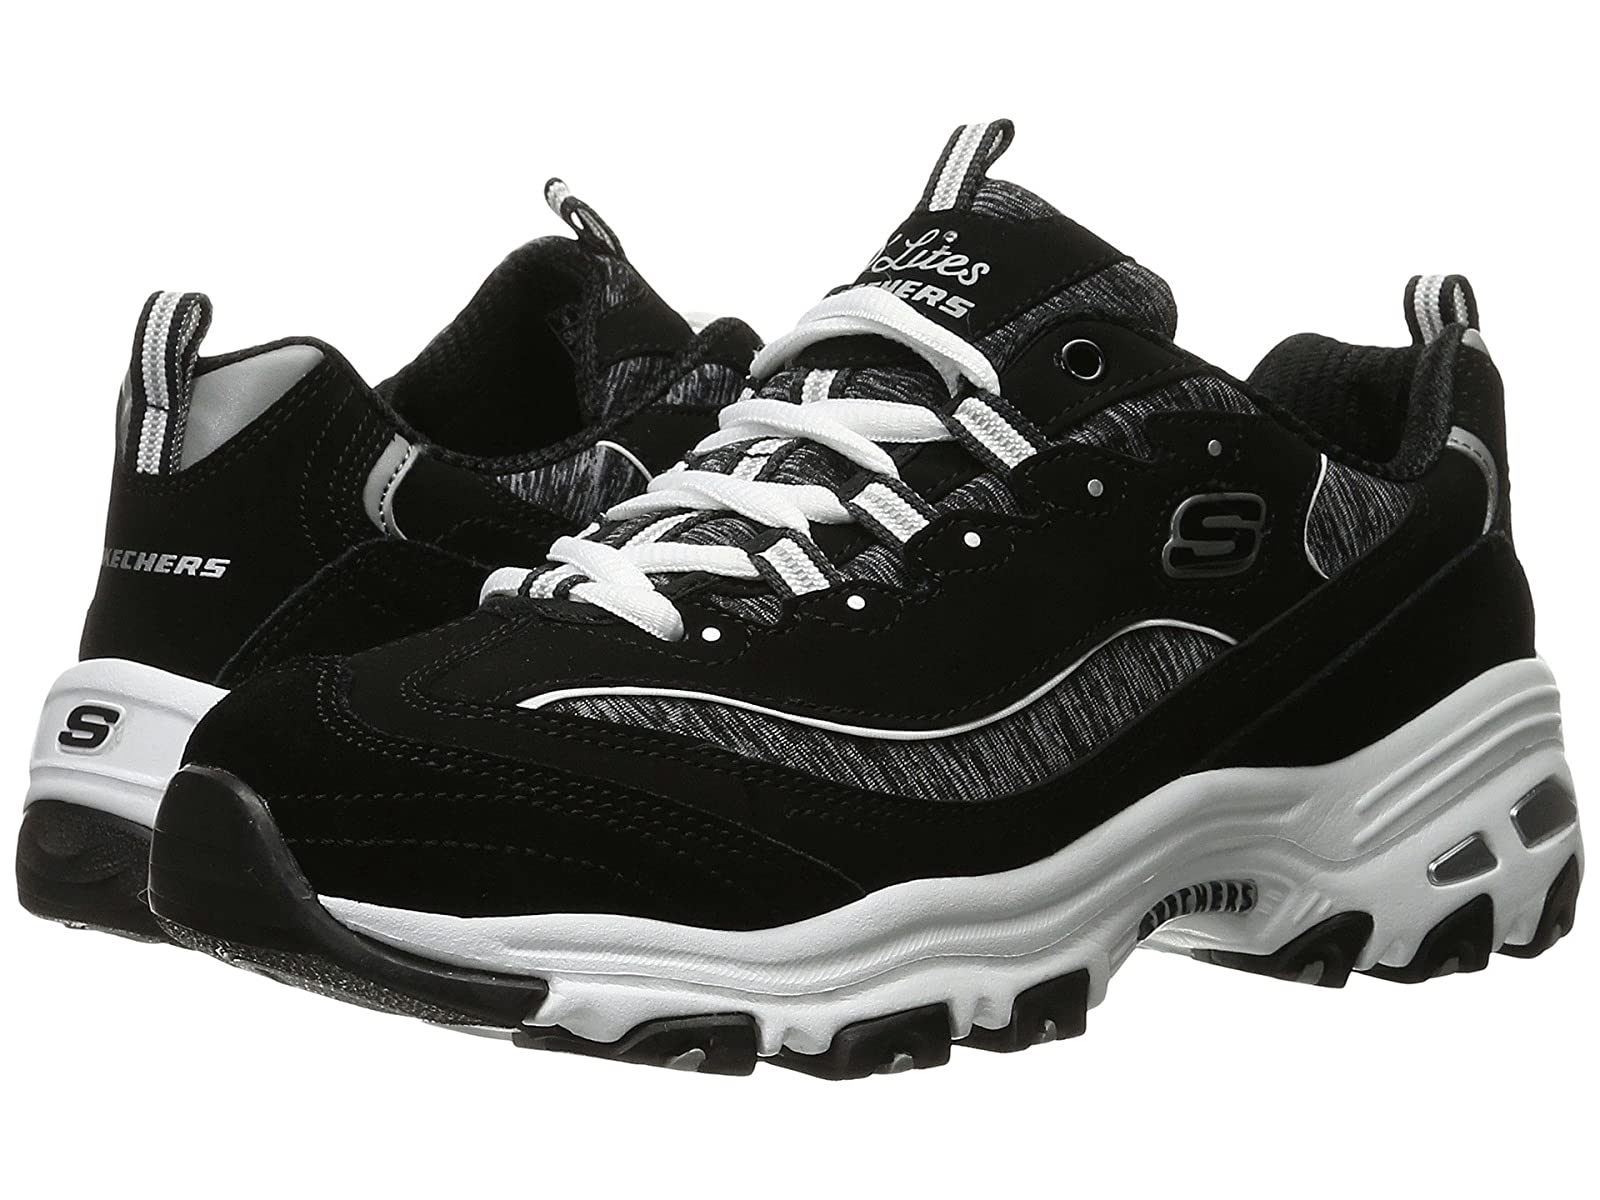 SKECHERS D'Lites - Me TimeAtmospheric grades have affordable shoes